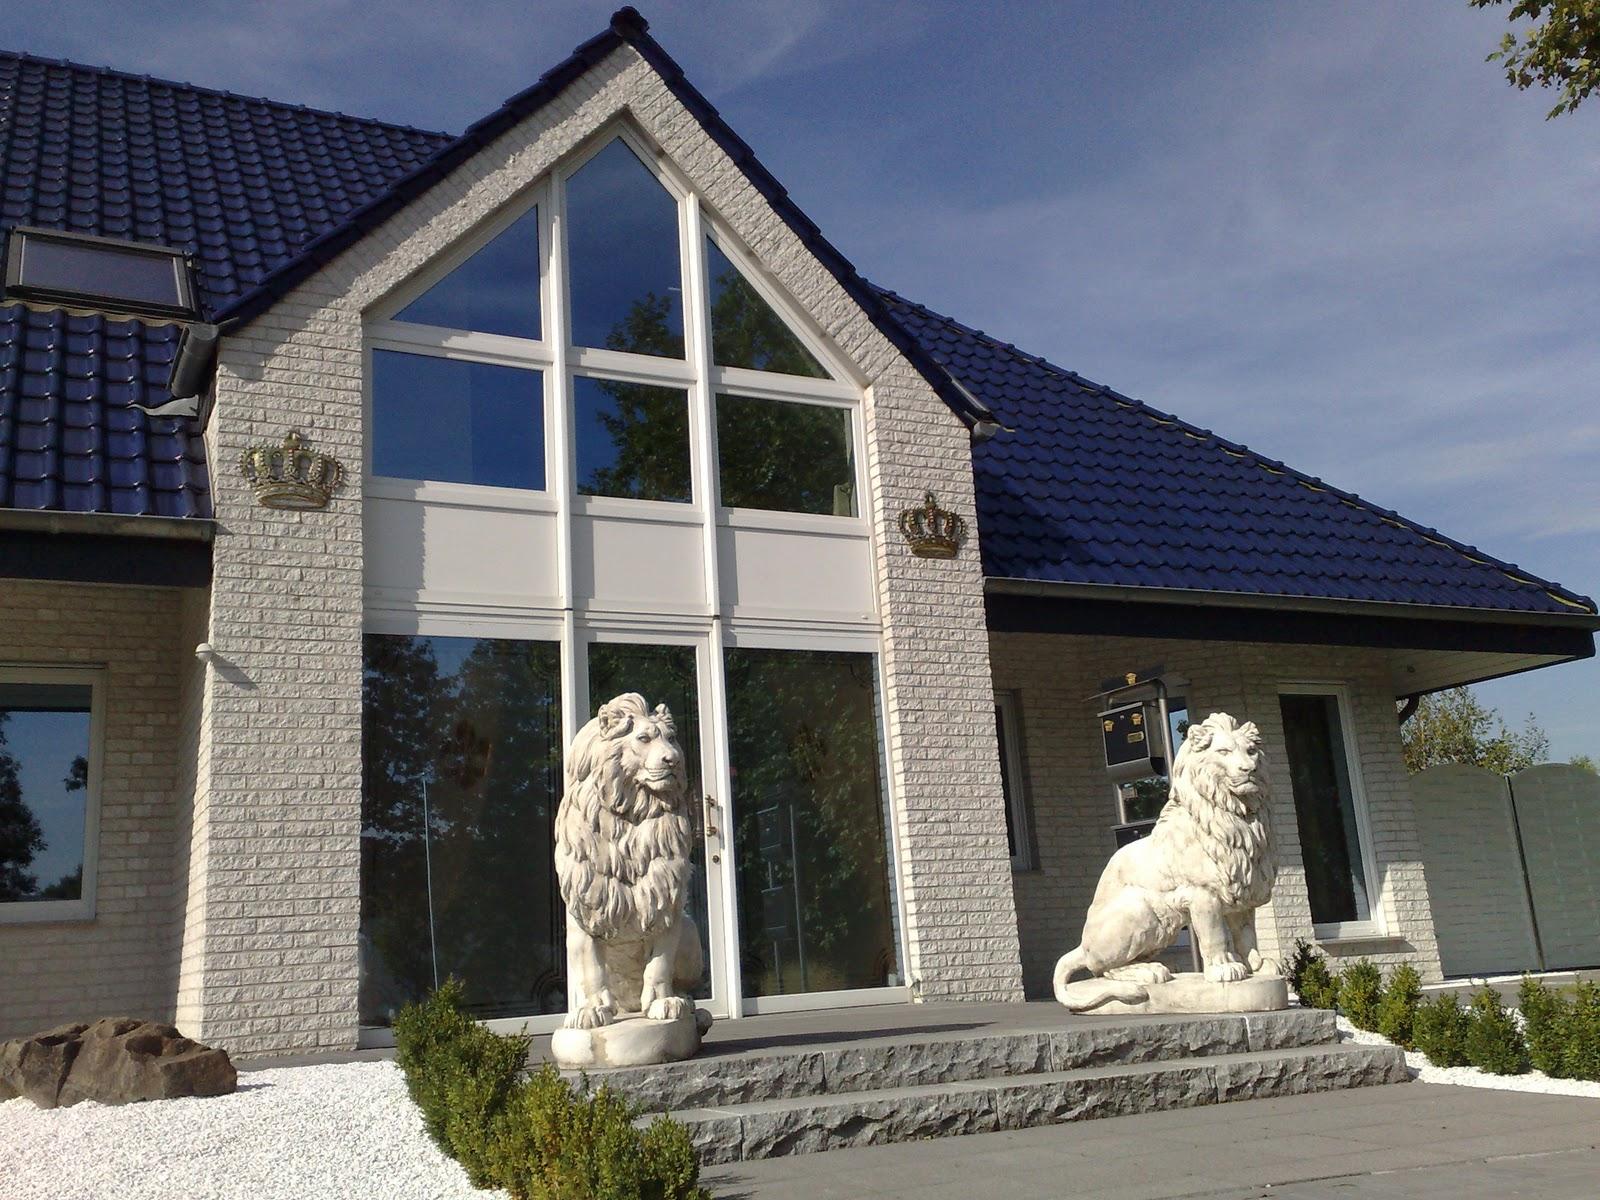 pärchenclub schiedel villa palazzo dorsten